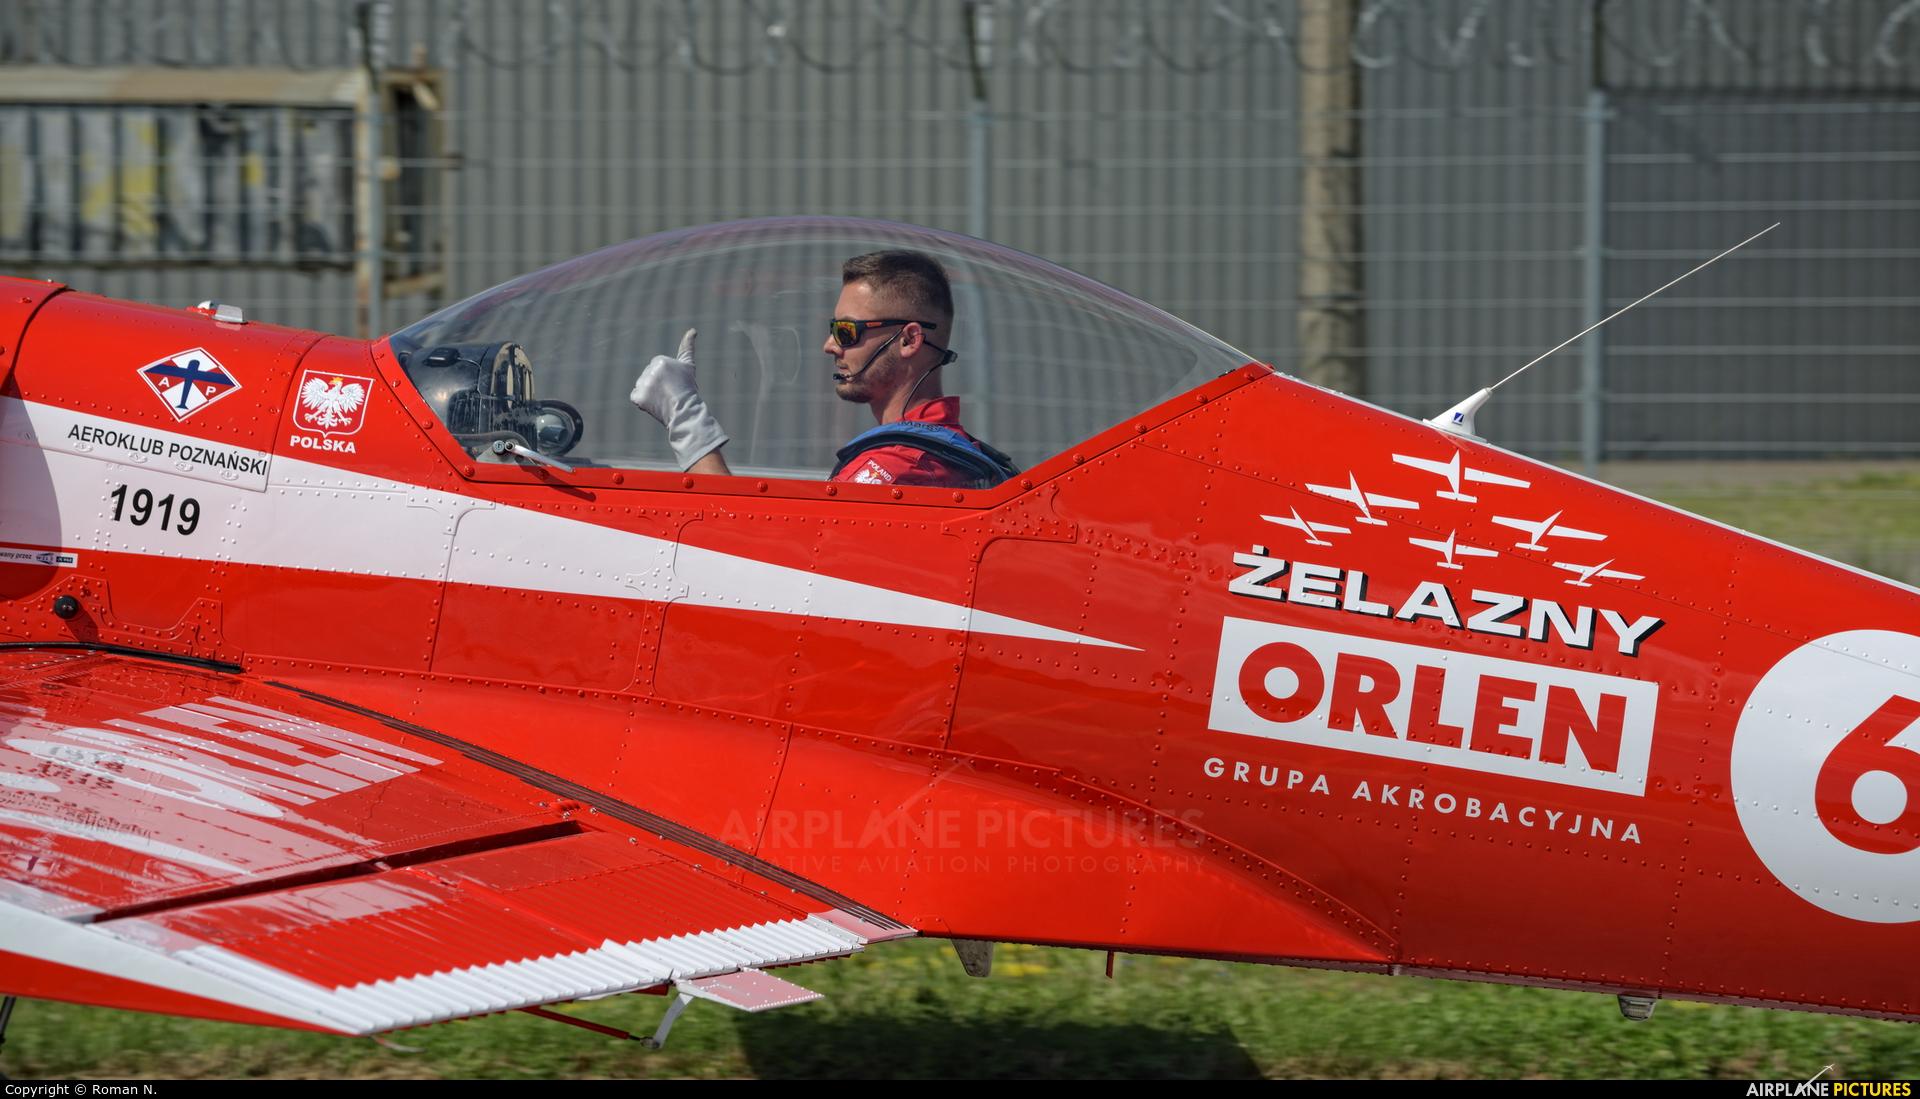 Grupa Akrobacyjna Żelazny - Acrobatic Group SP-AUC aircraft at Bydgoszcz - Szwederowo